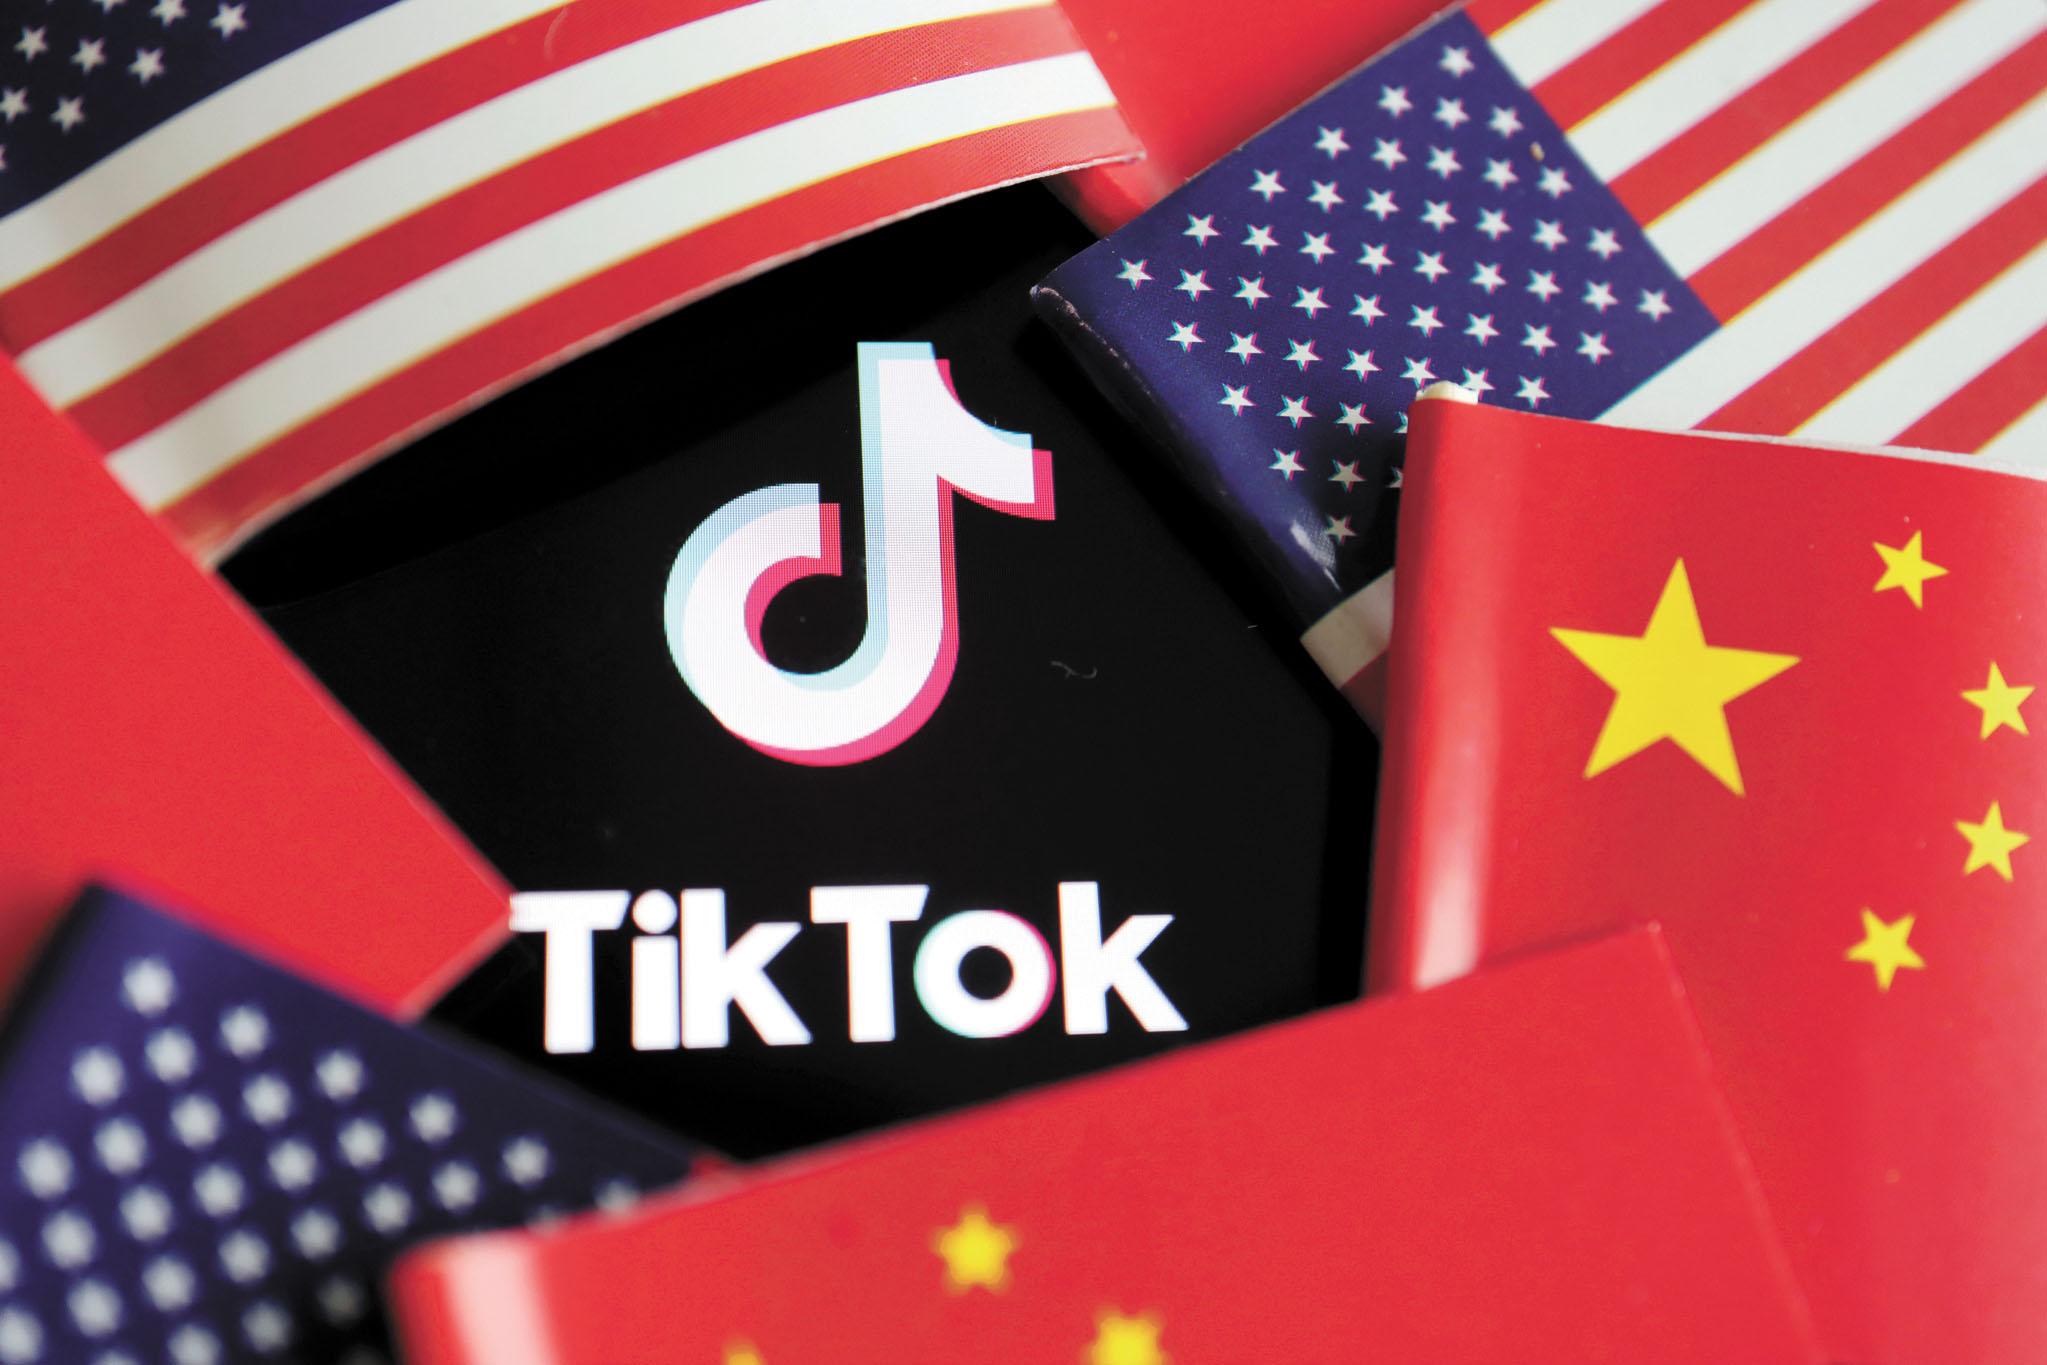 美國商務部宣布,20日起禁止在美國下載TikTok和WeChat兩款手機應用程式。路透社